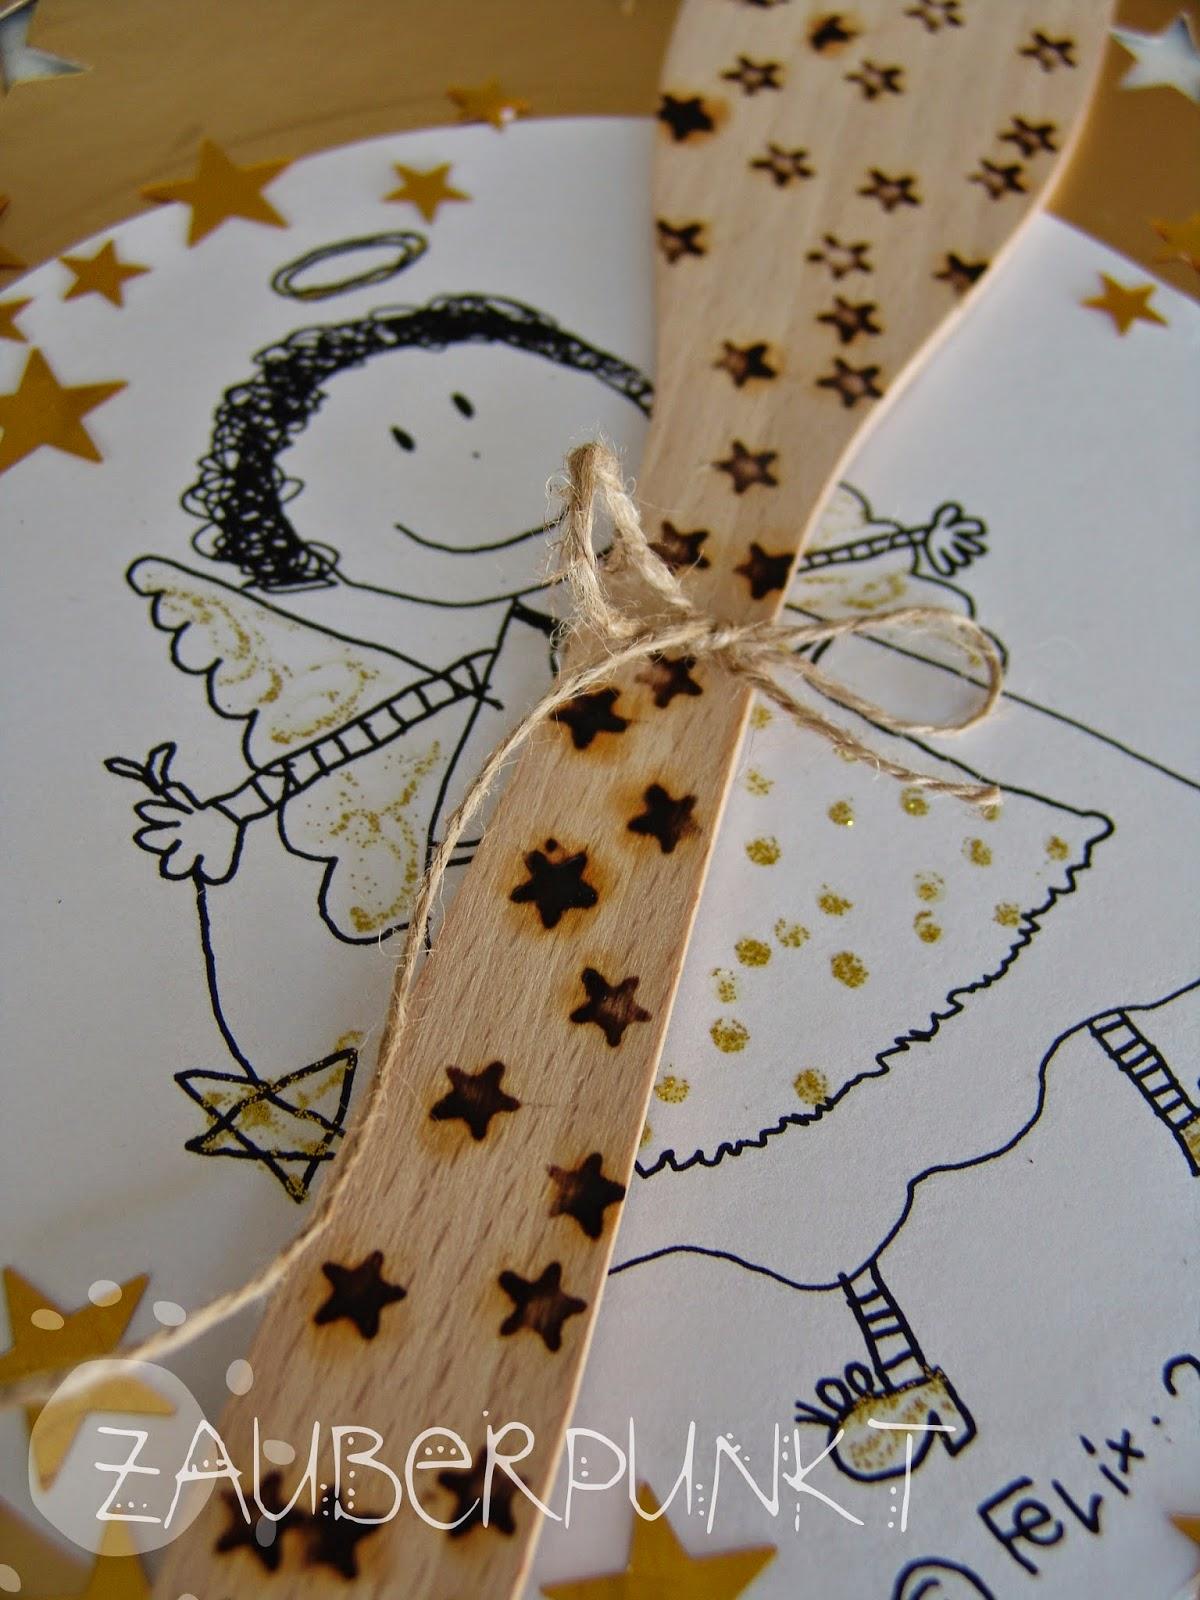 Weihnachtsgeschenke Basteln.Zauberpunkt Weihnachtsgeschenke Basteln Mit Kindern